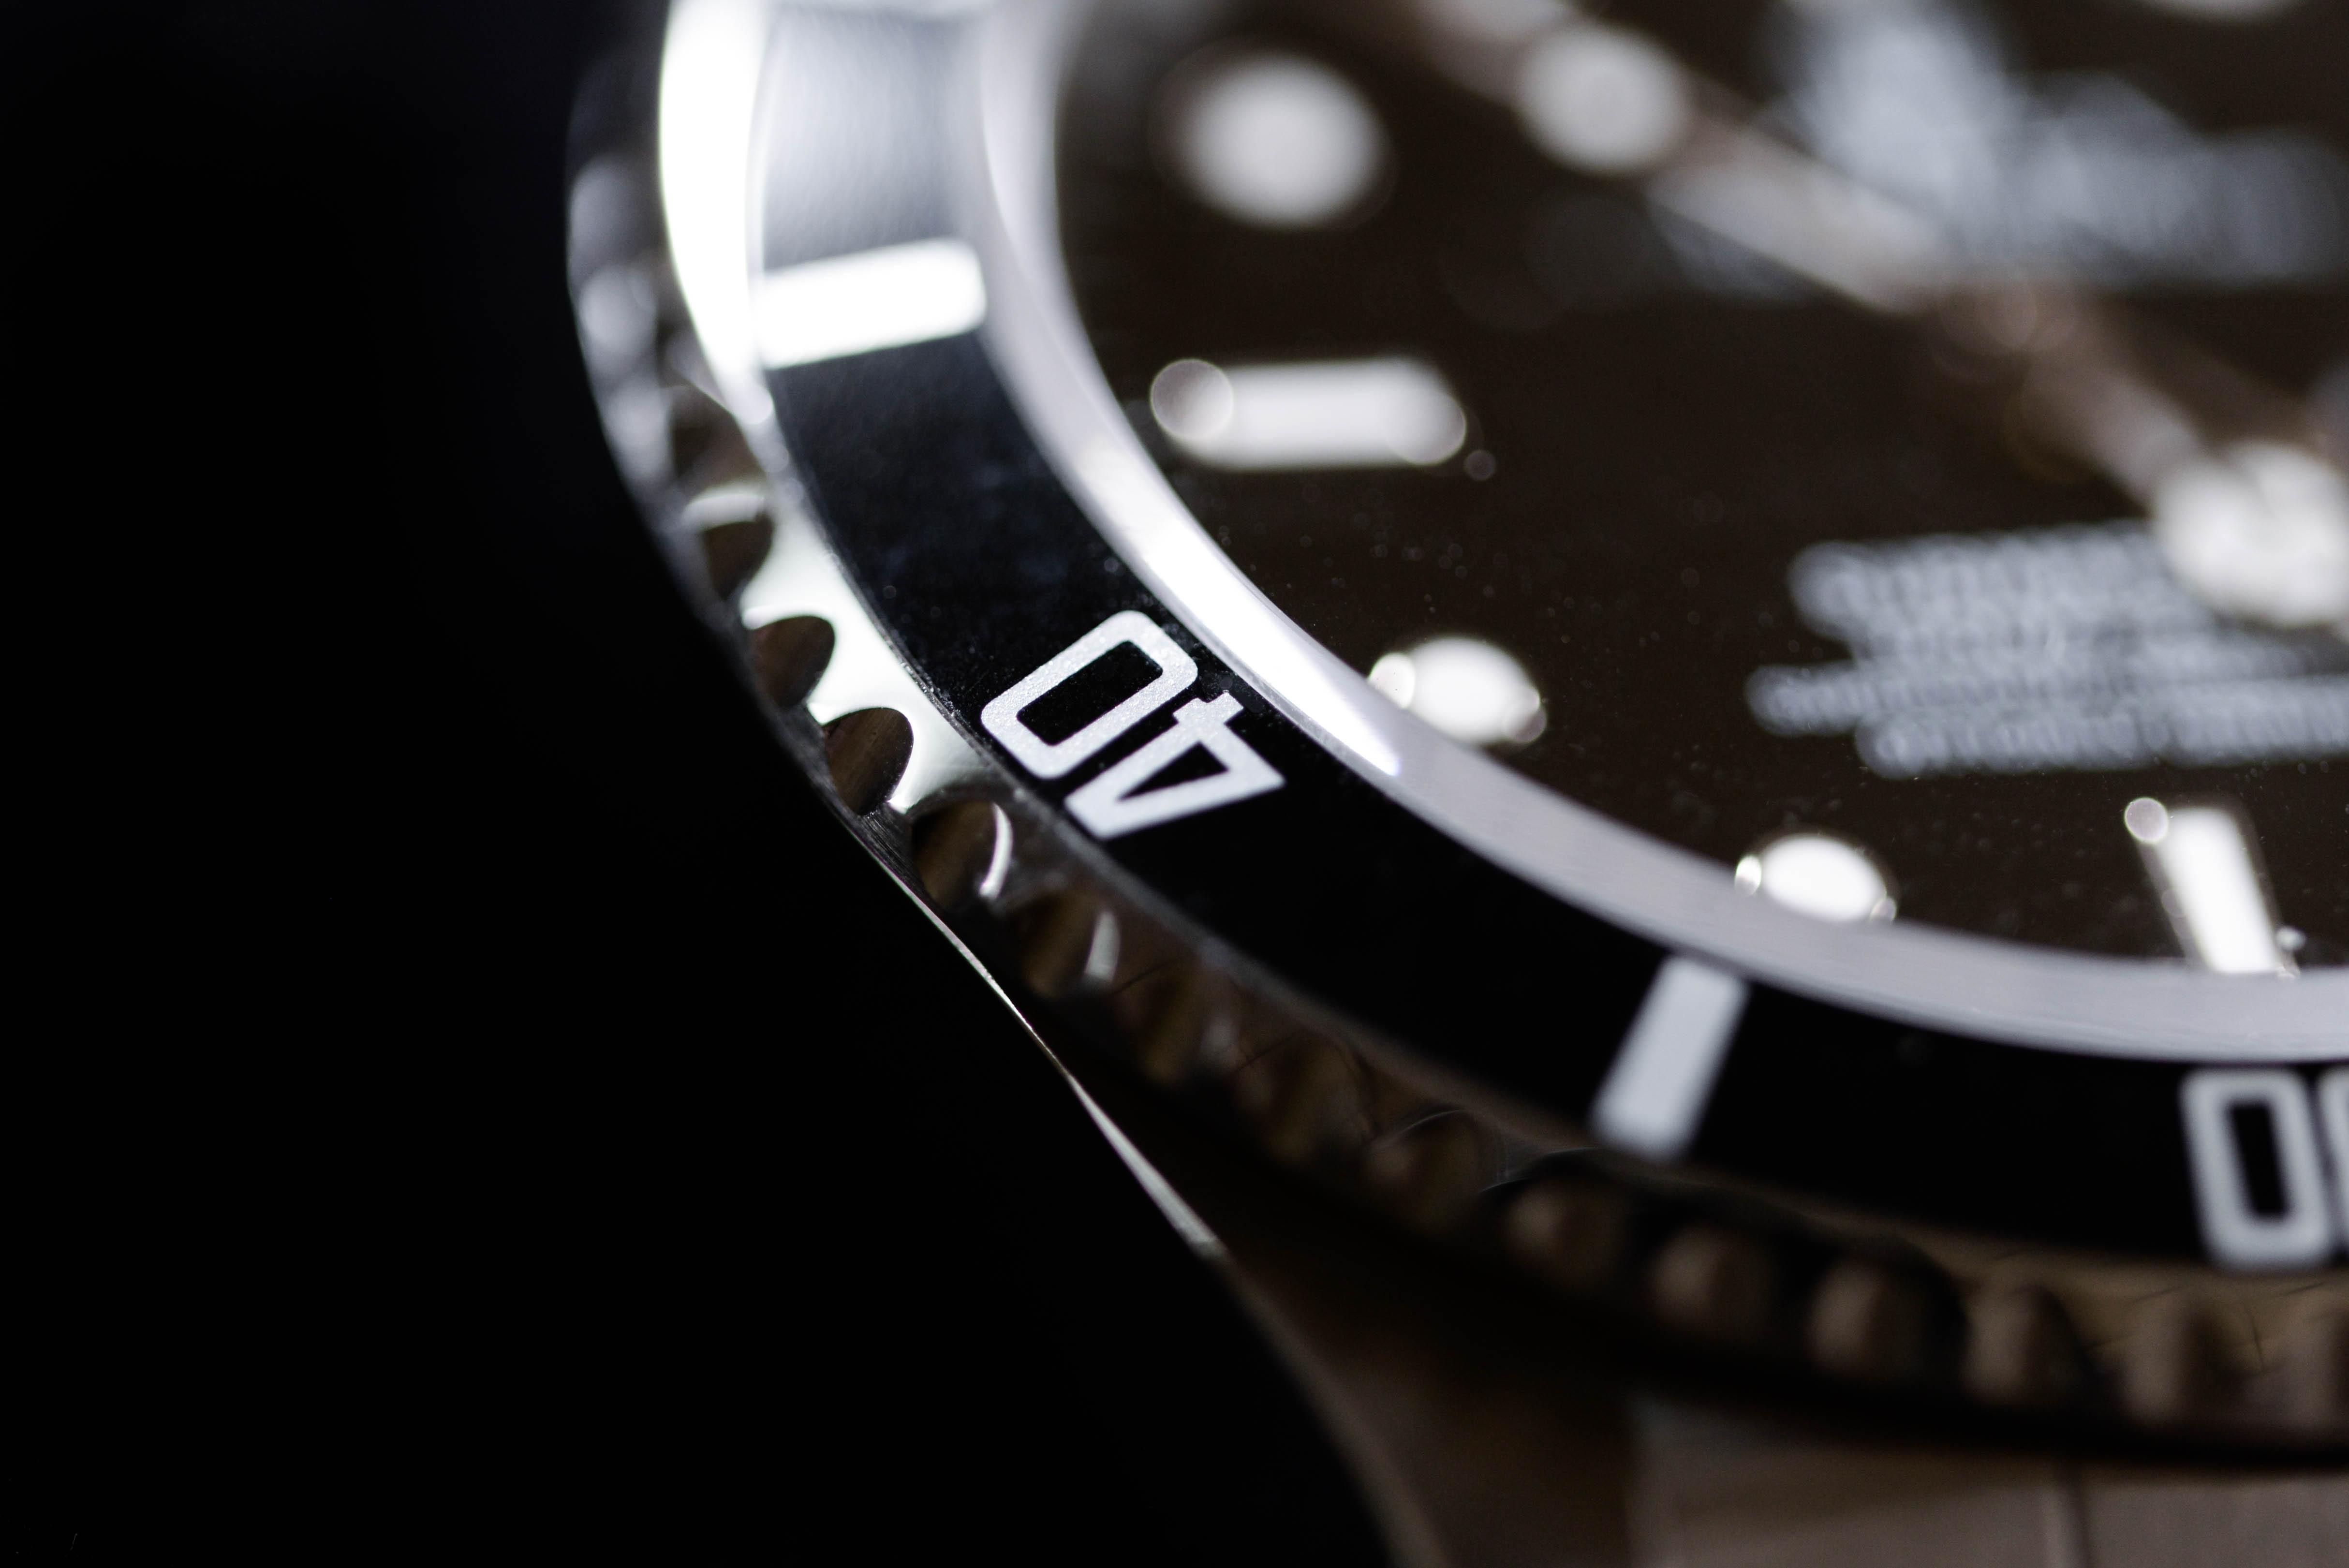 オーバーホールを自分で出すかわりに譲り受けた腕時計